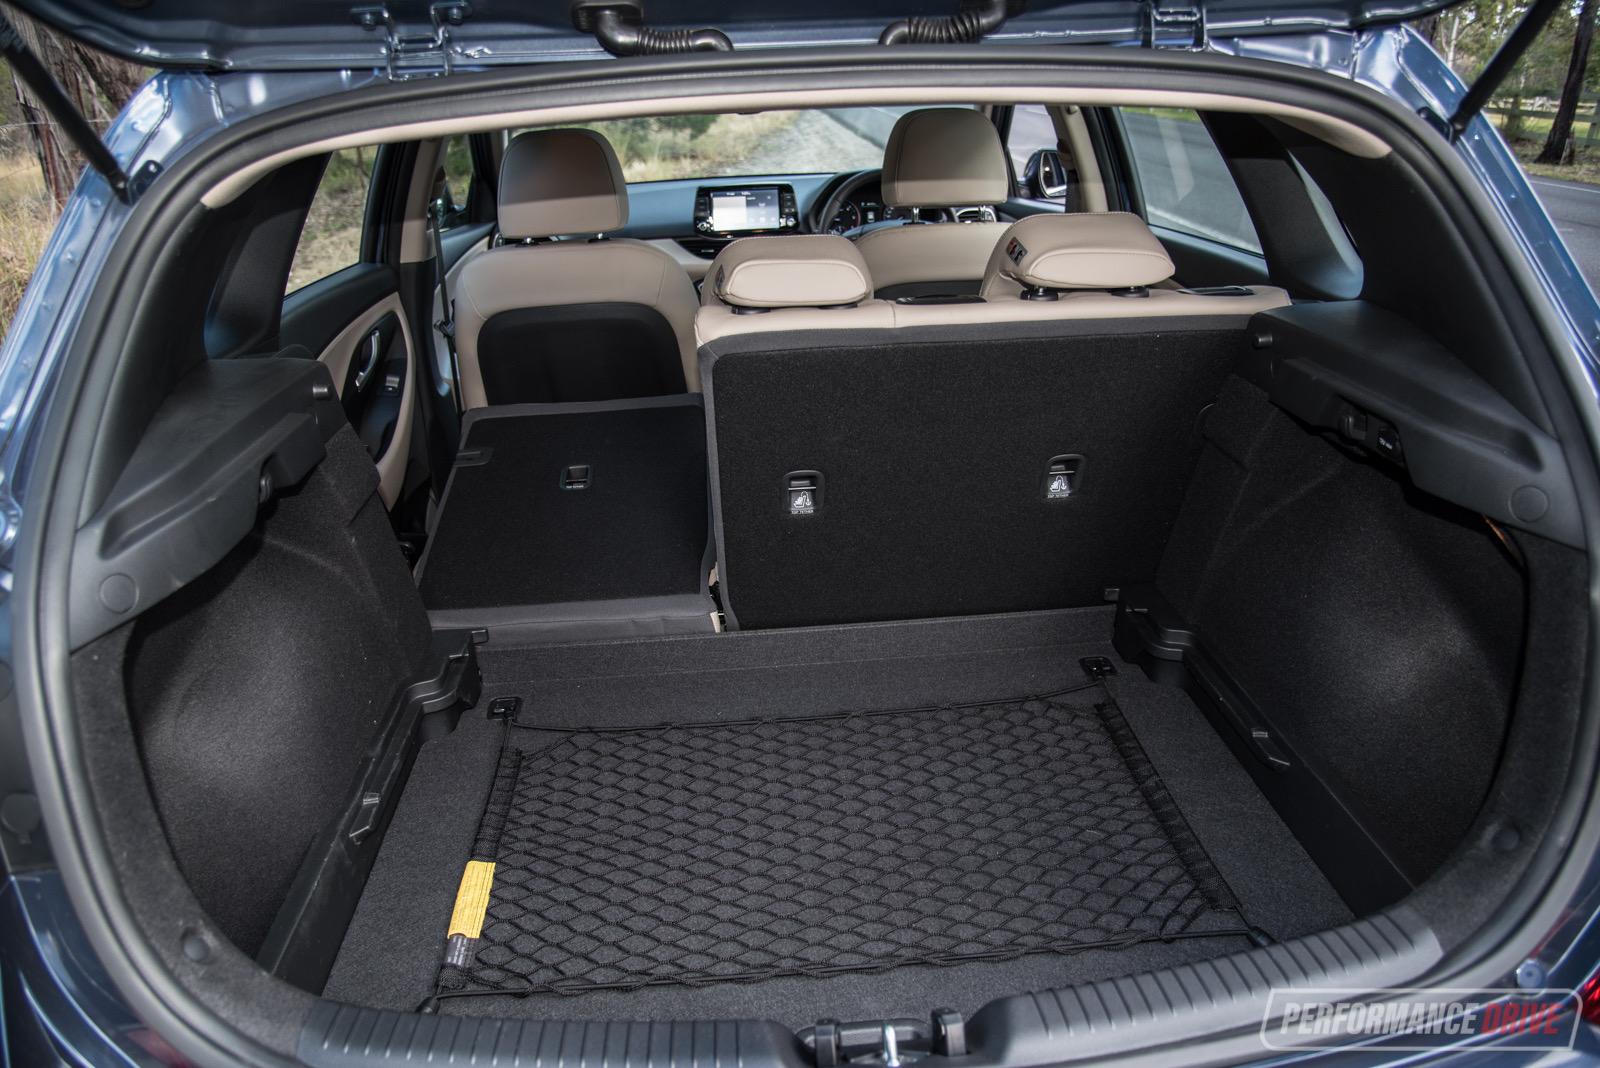 2018 Hyundai I30 Premium Diesel Review Video